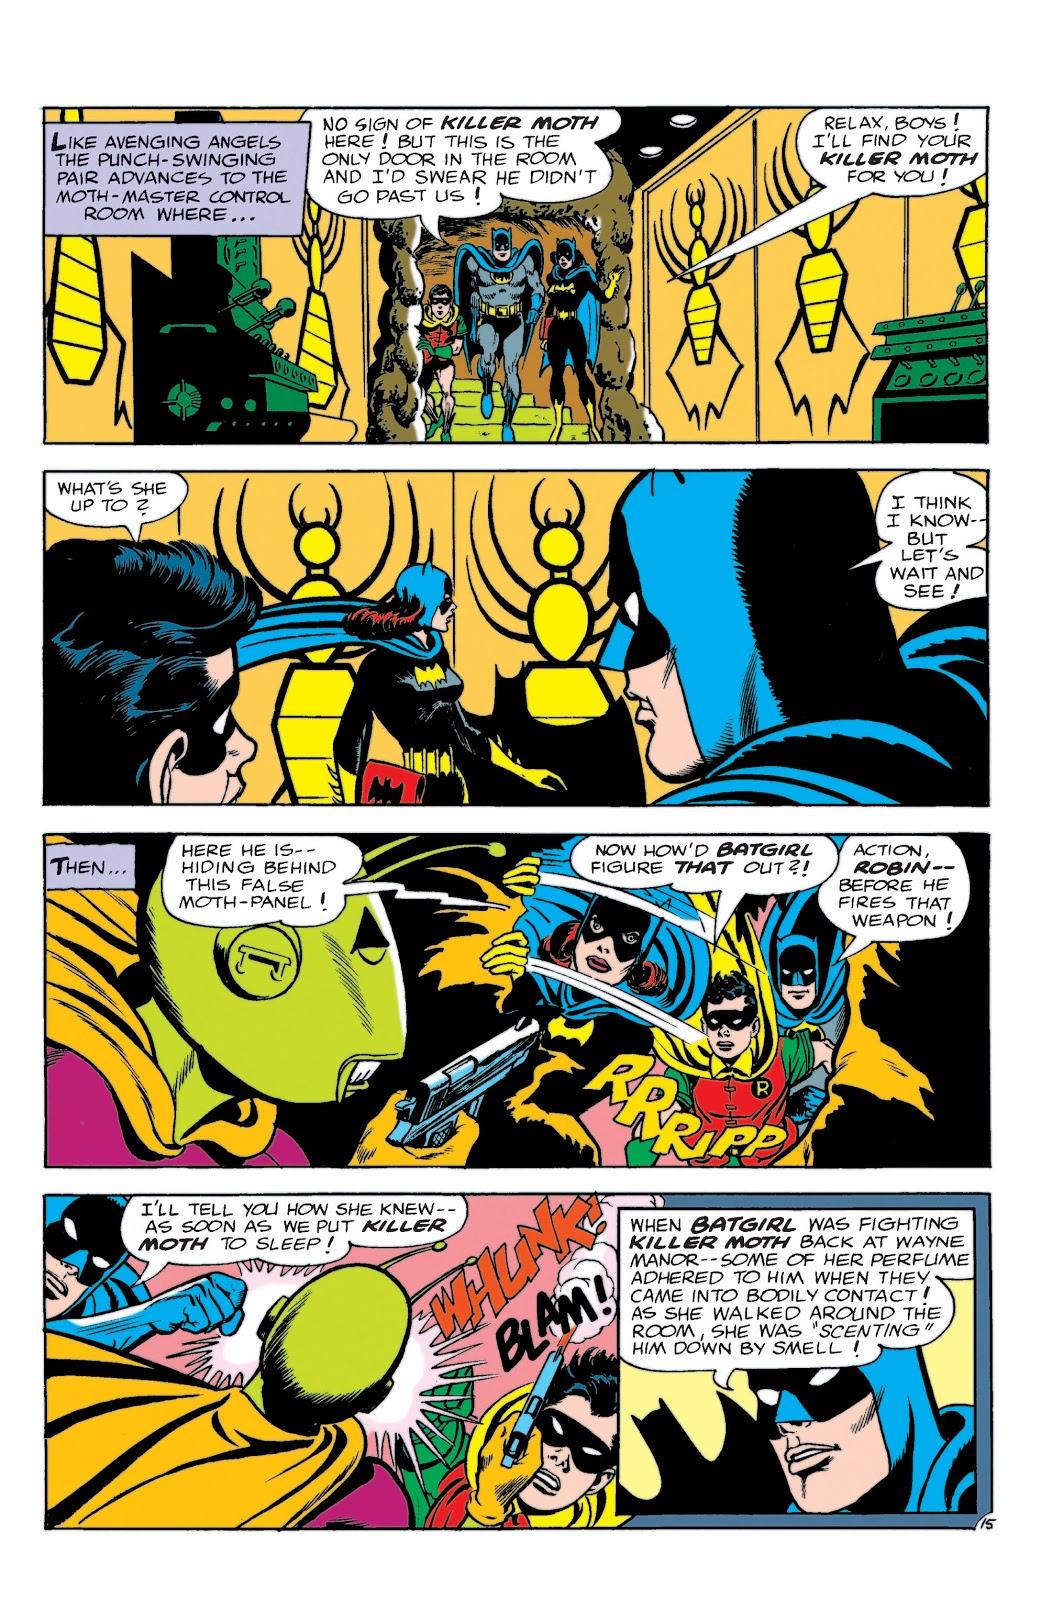 Batgirl finds Killer Moth